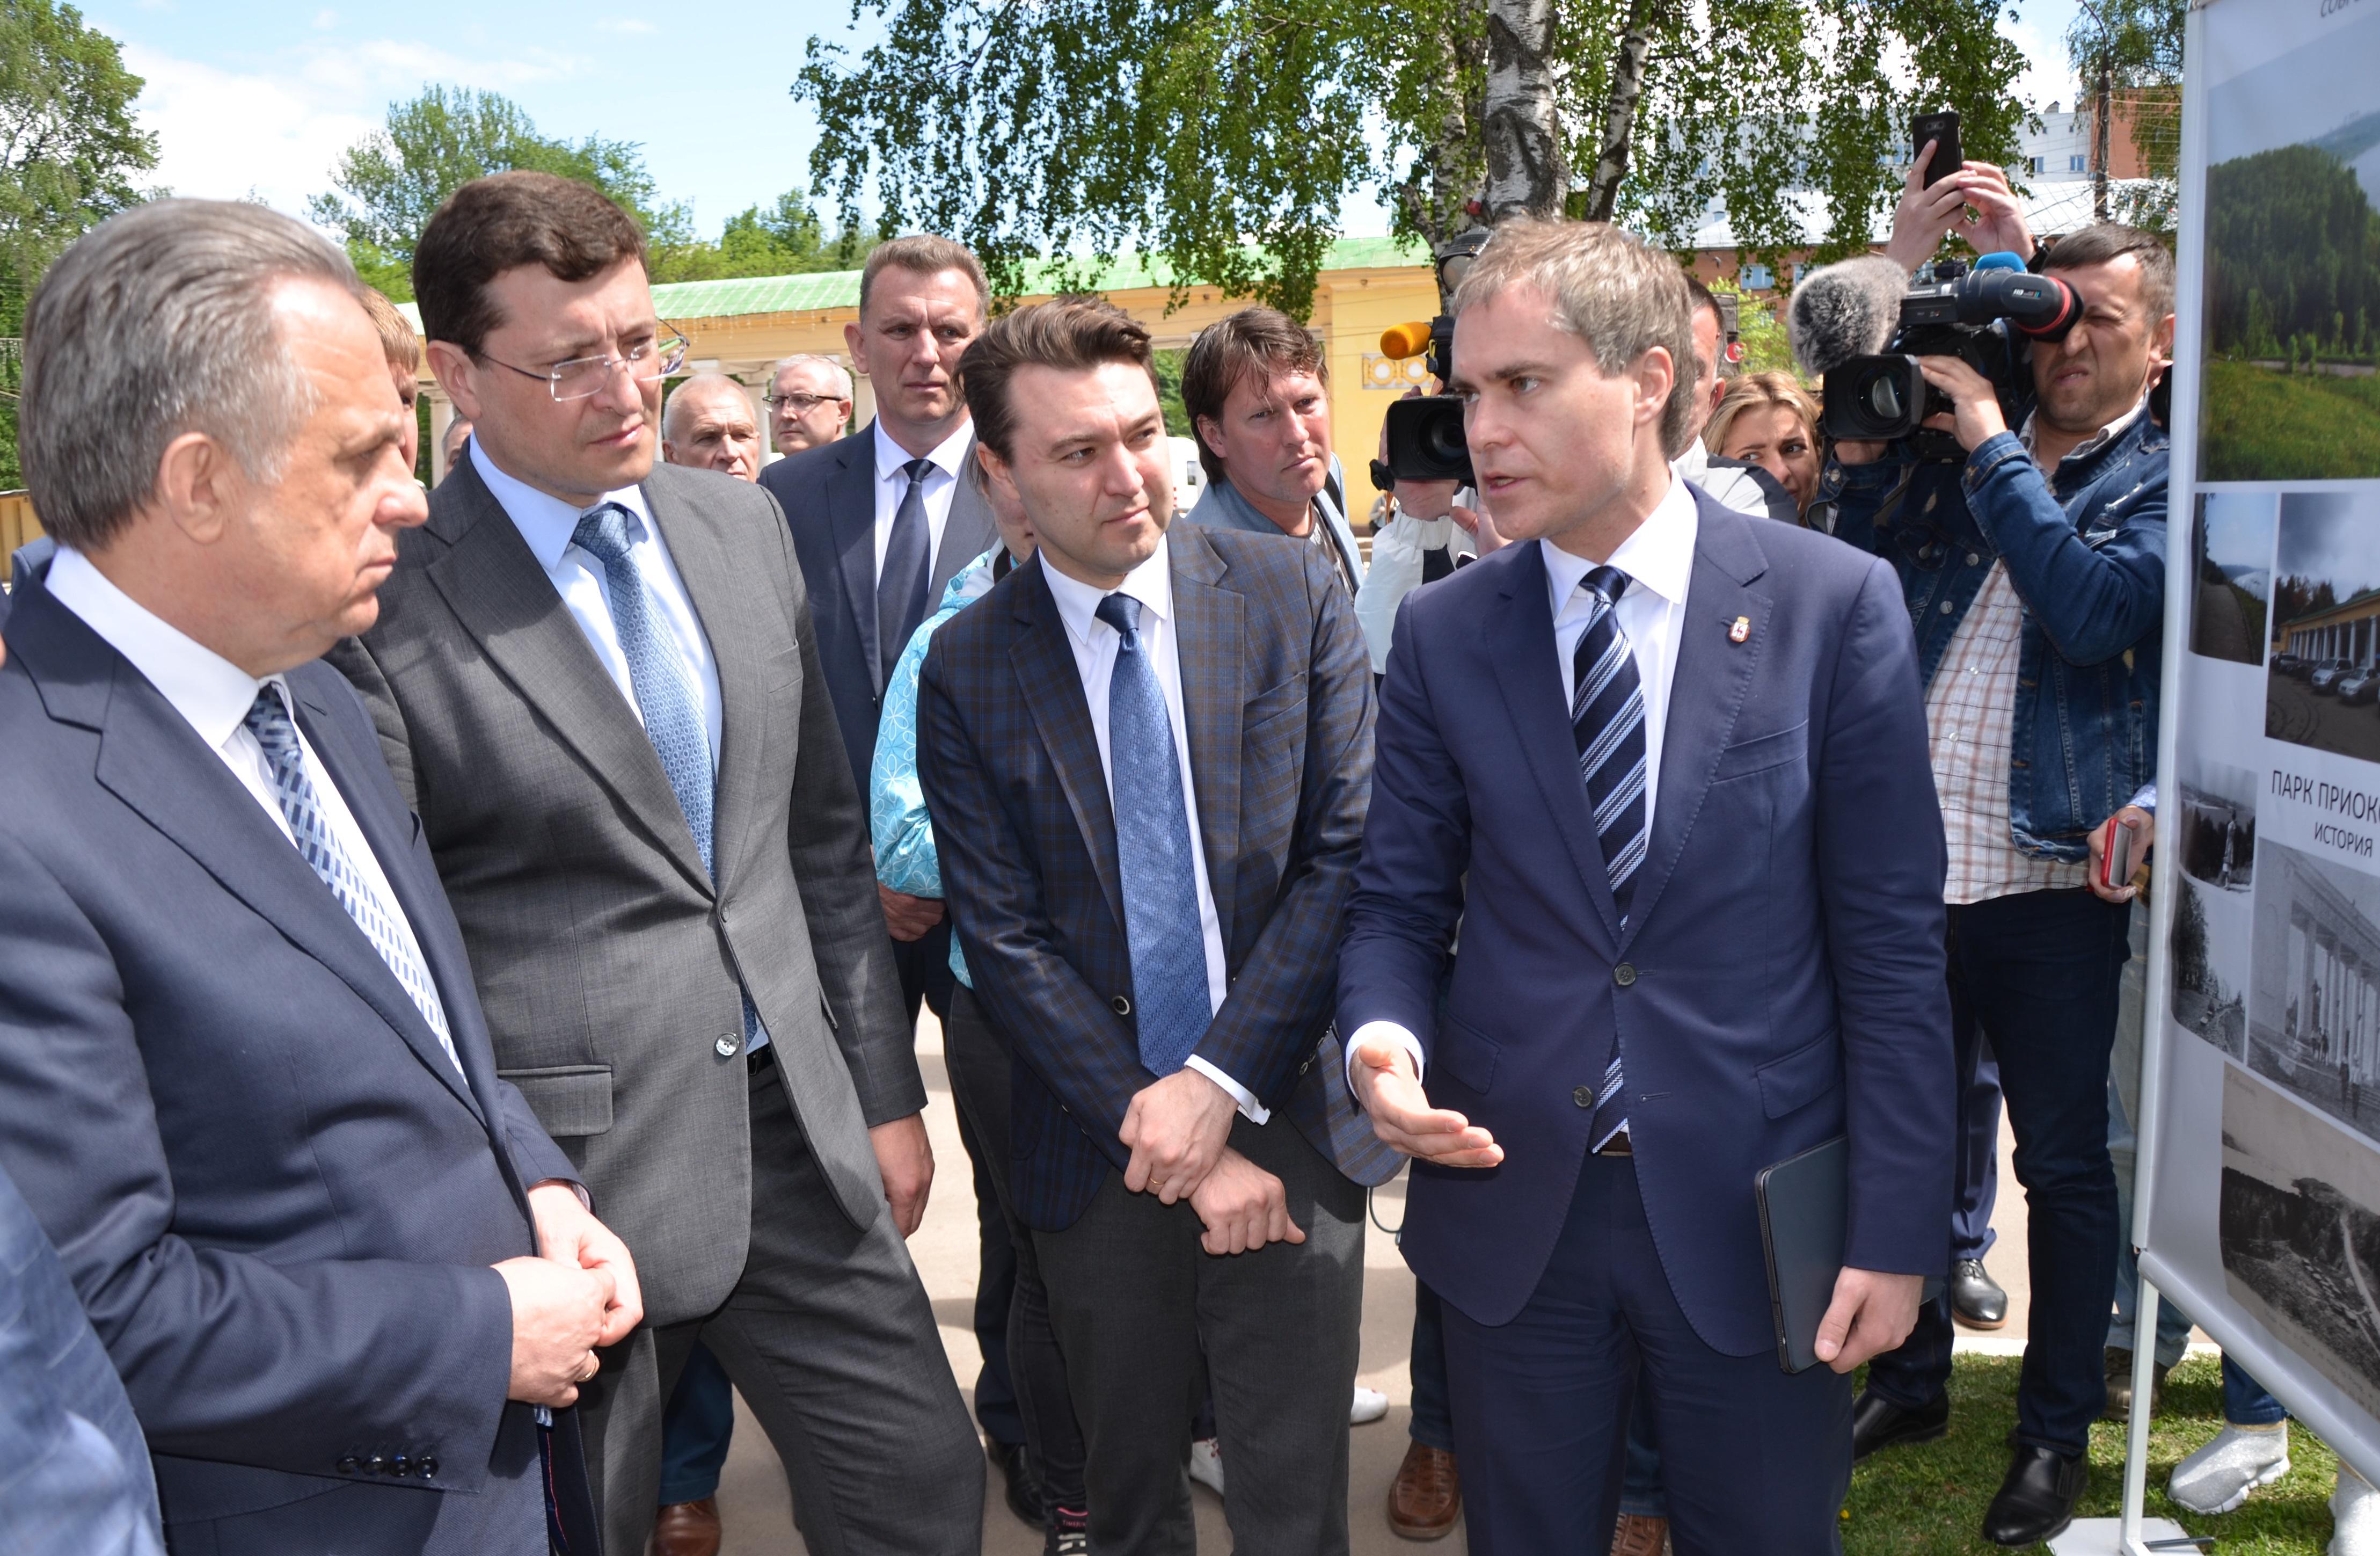 Виталию Мутко представили концепцию развития парка «Швейцария» в Нижнем Новгороде - фото 2